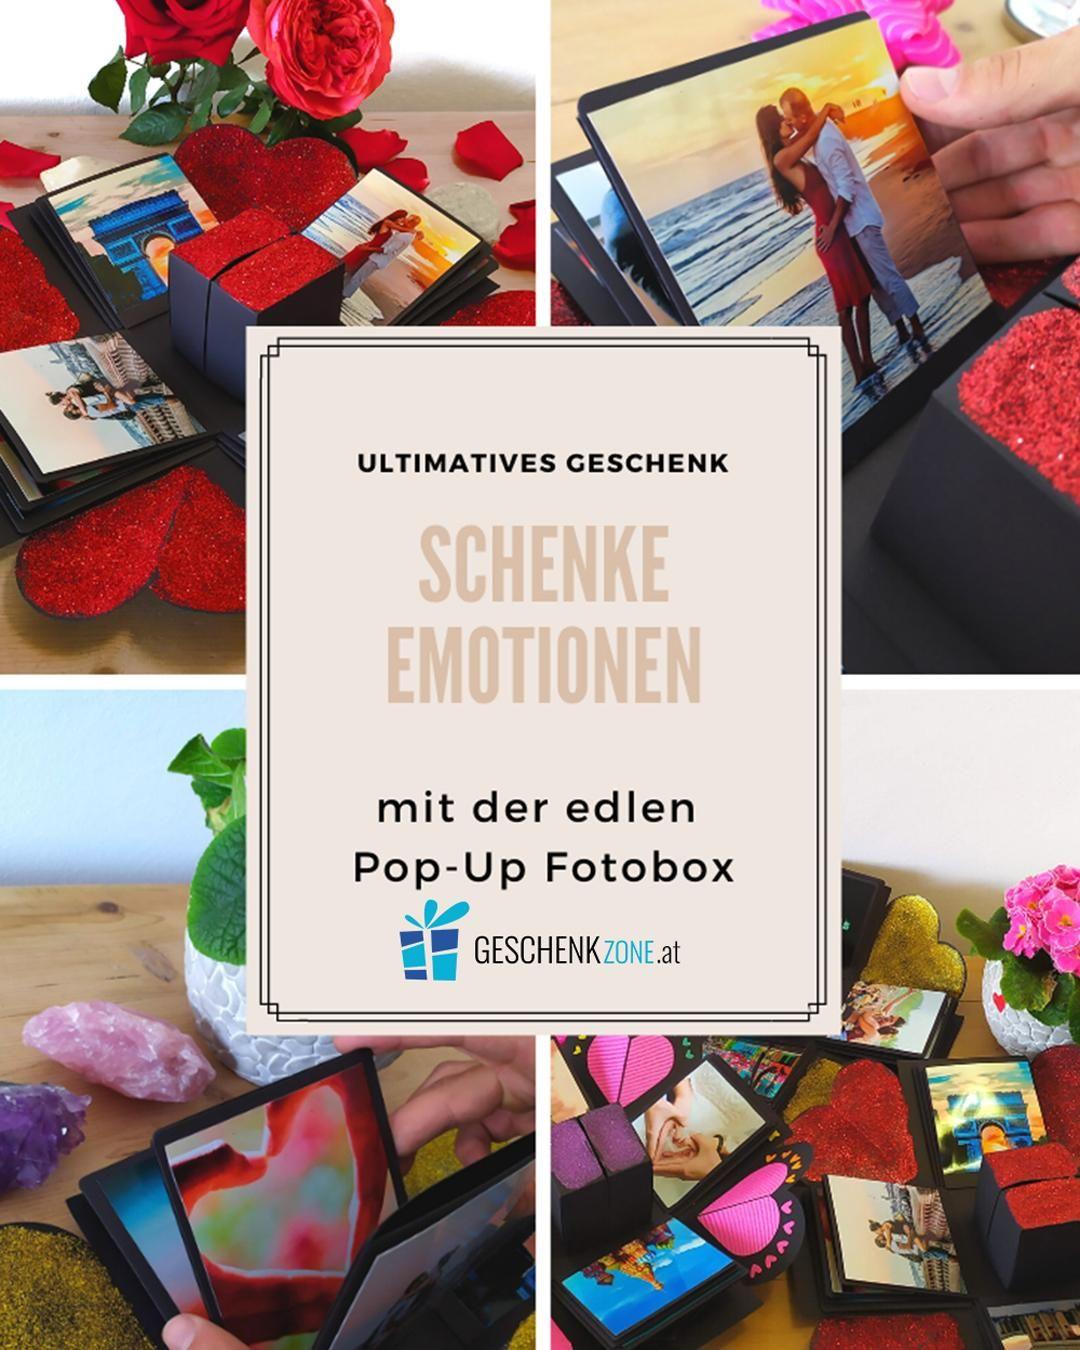 -50% Auf Das Emotionalste Geschenk